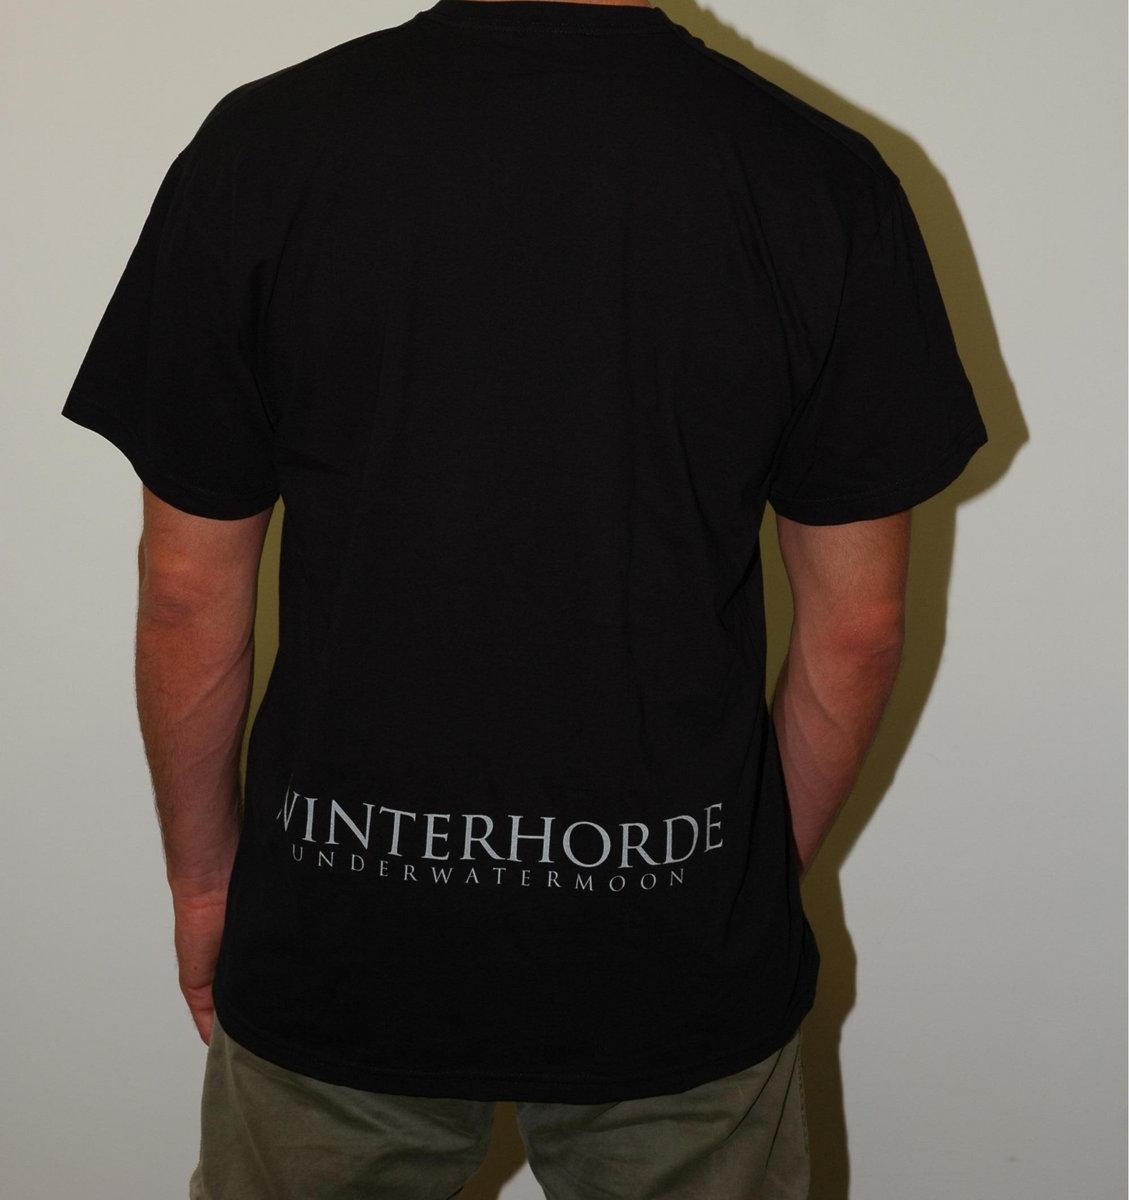 Shirt design octopus -  Octopus Design T Shirt Photo